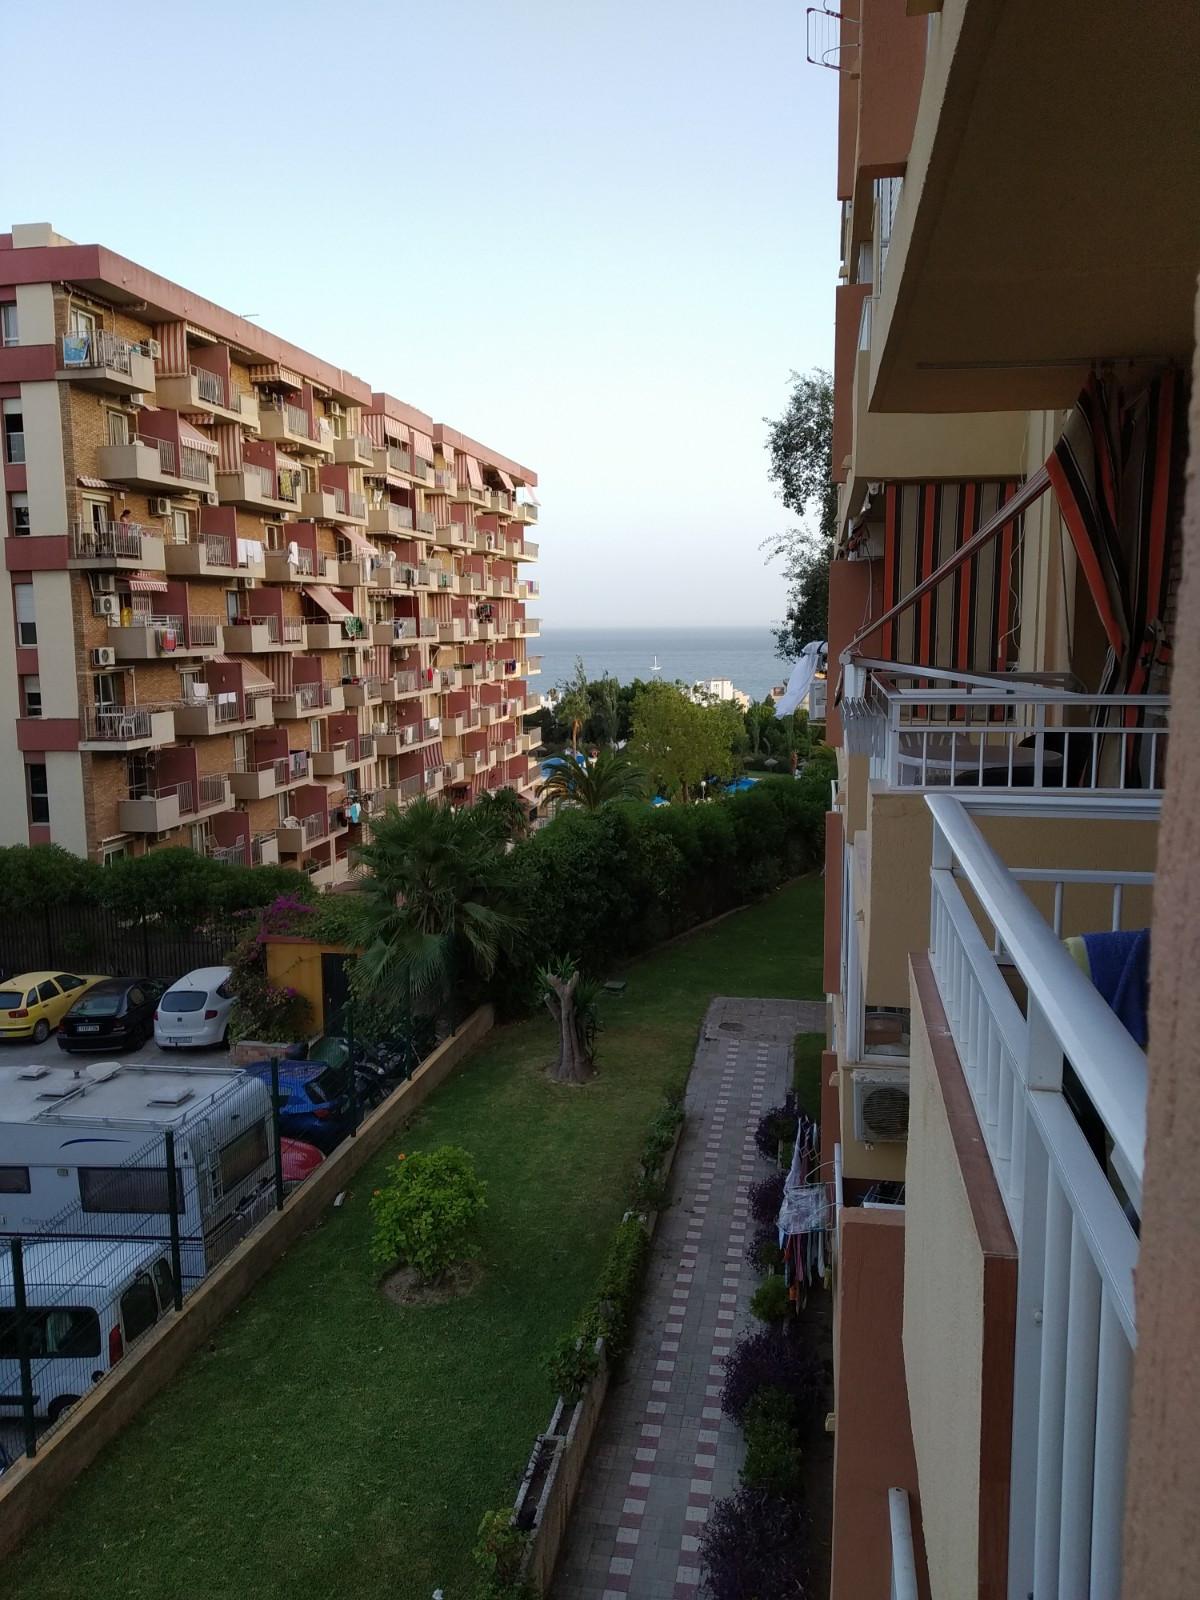 Estudio Planta Media 1 Dormitorio(s) en Venta Benalmadena Costa